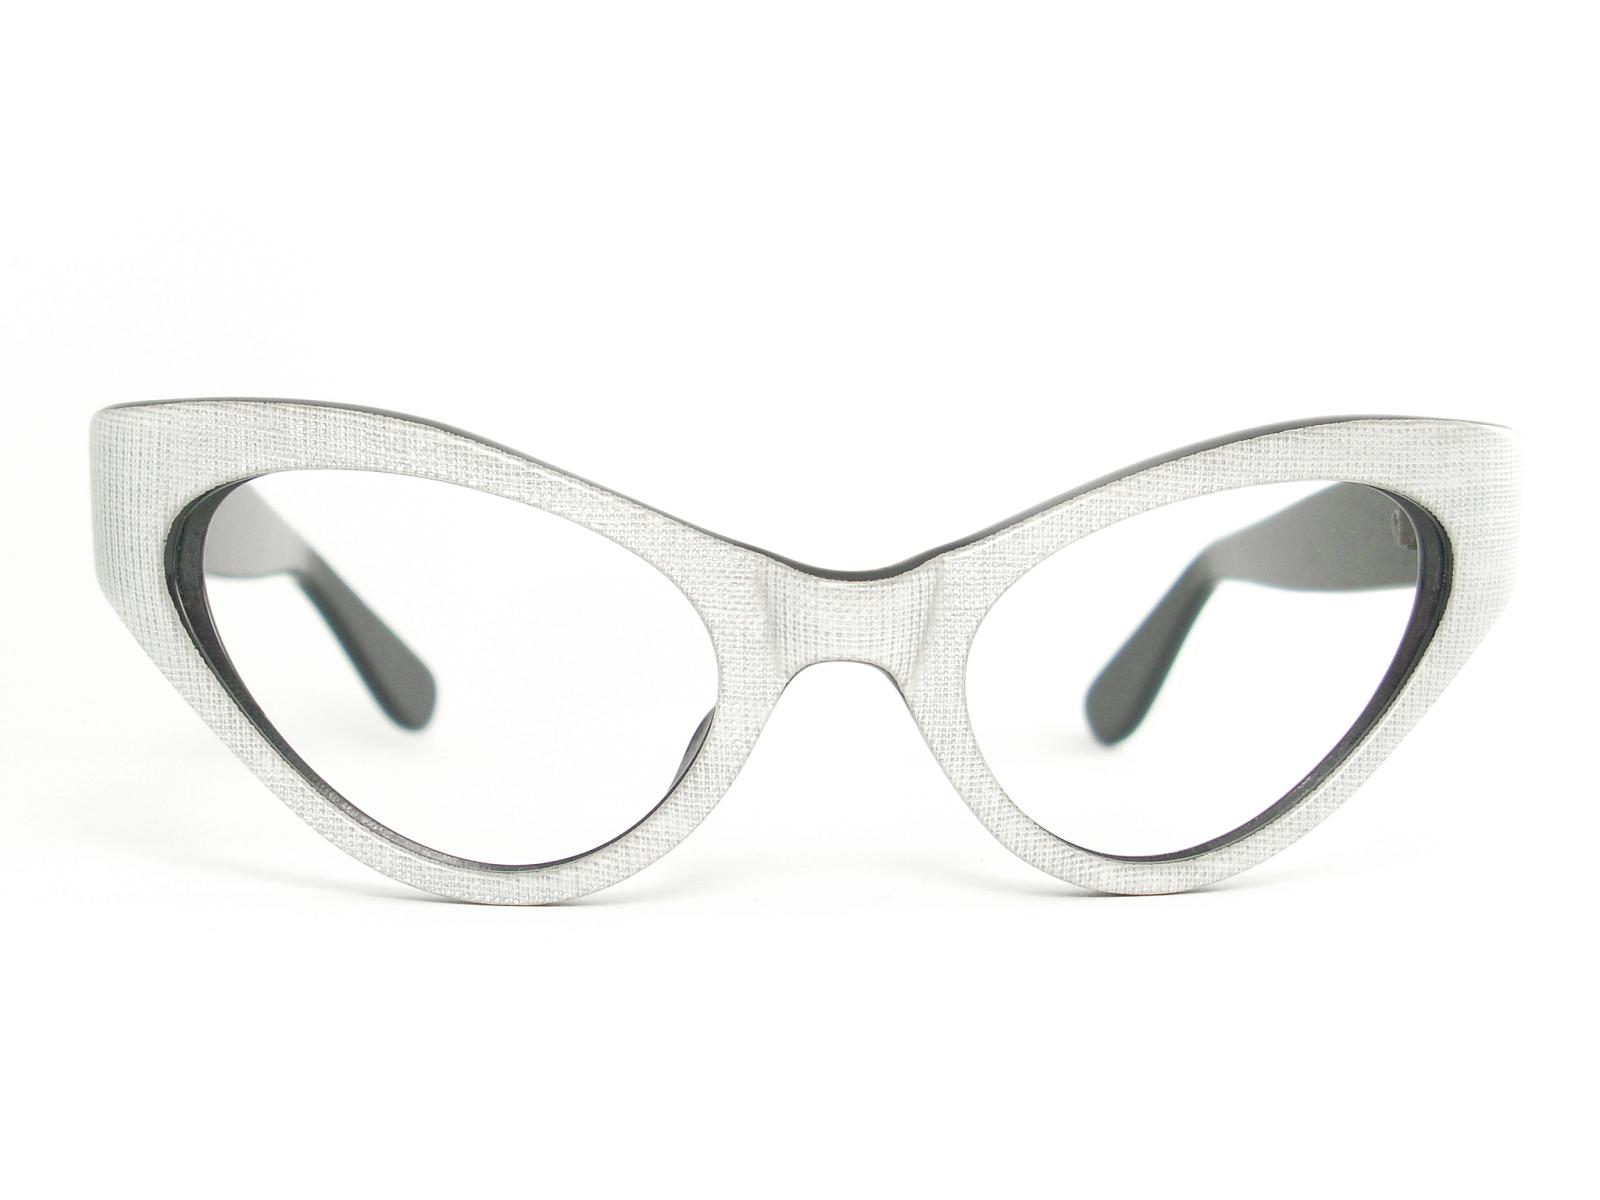 Eyeglasses Frames For Strong Prescription : Vintage Eyeglasses Frames Eyewear Sunglasses 50S: December ...